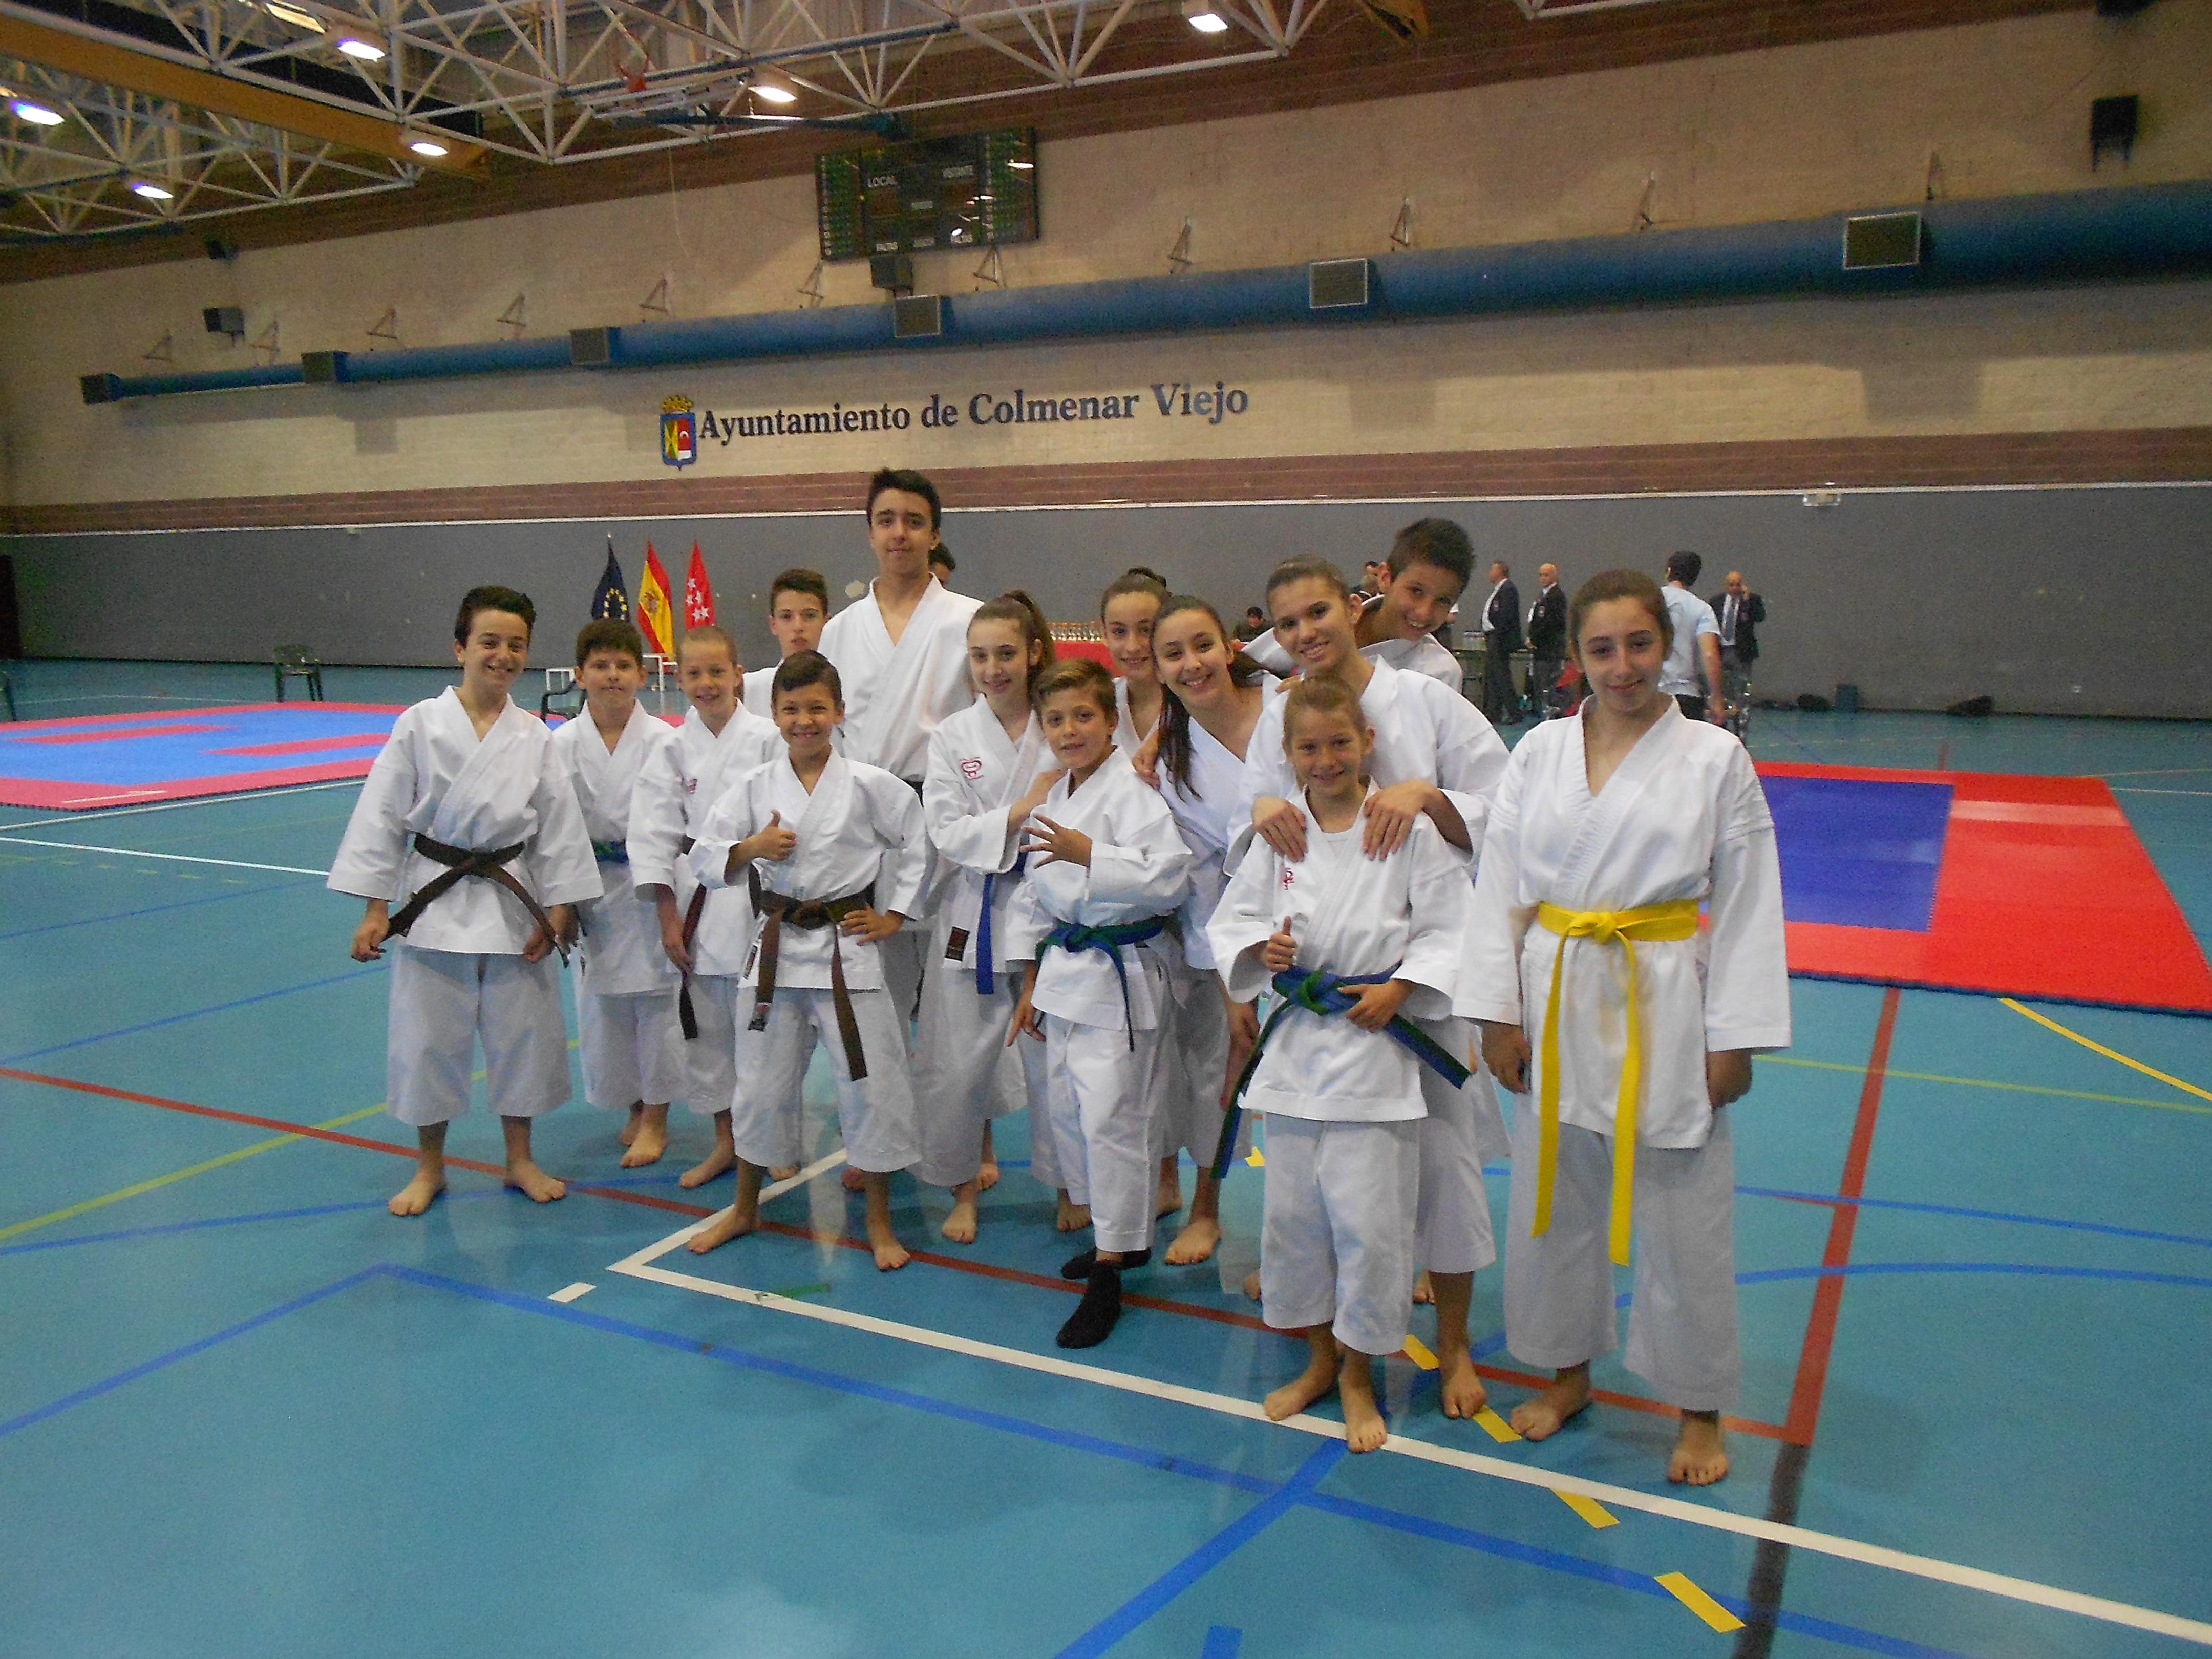 El pasado domingo 3 de junio se celebró el XIII Trofeo de Karate Villa de Colmenar Viejo